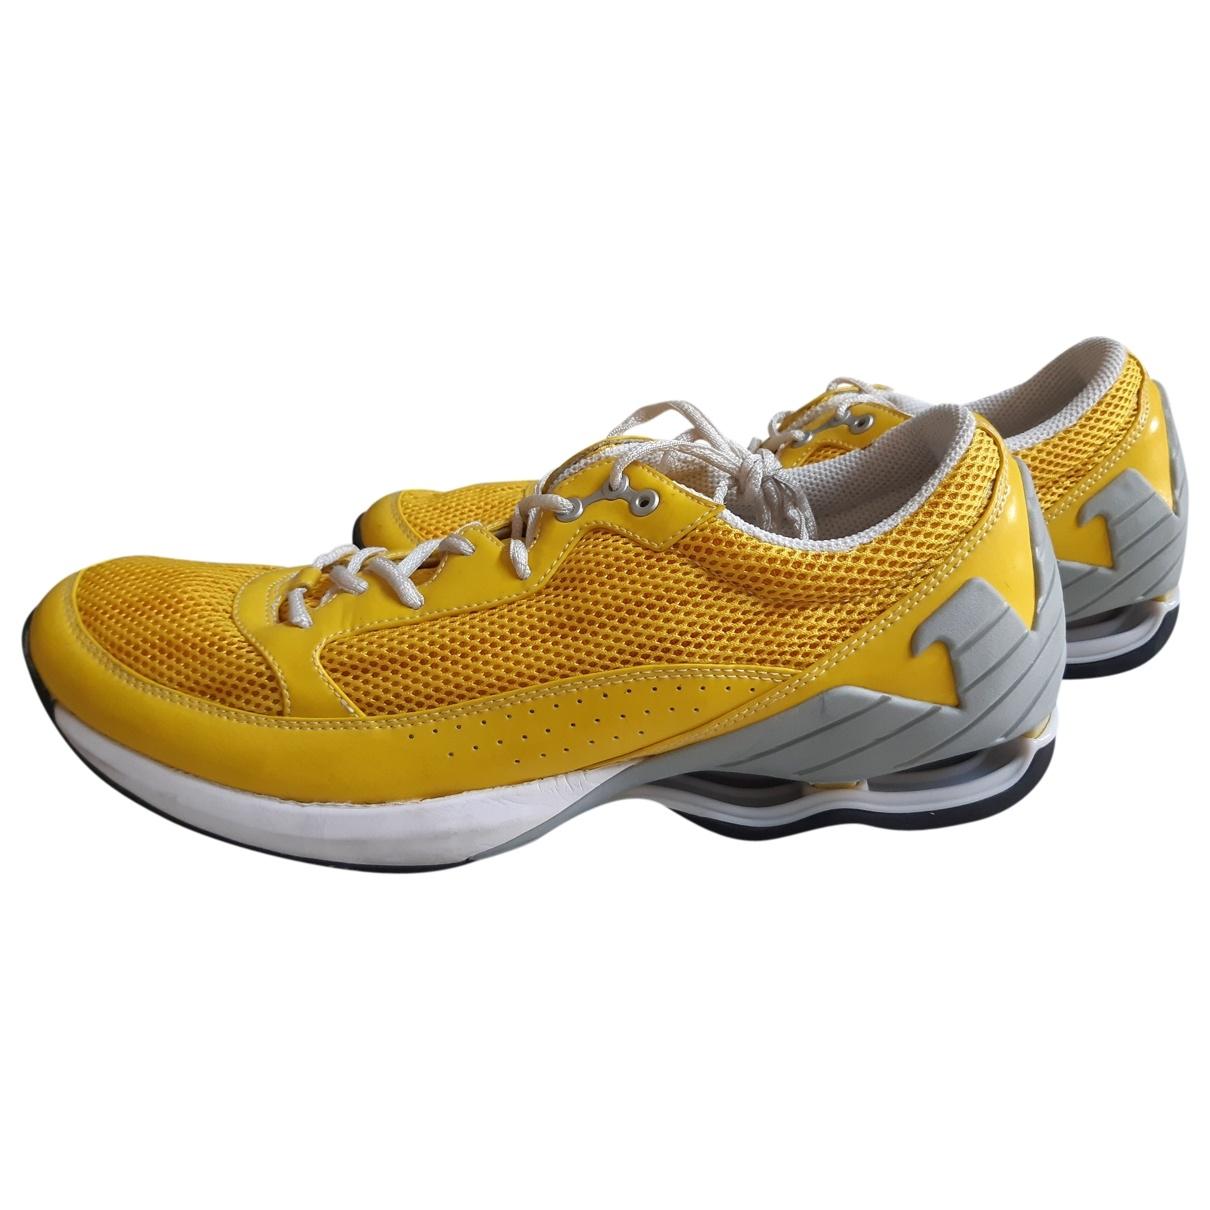 Emporio Armani - Baskets   pour homme en toile - jaune